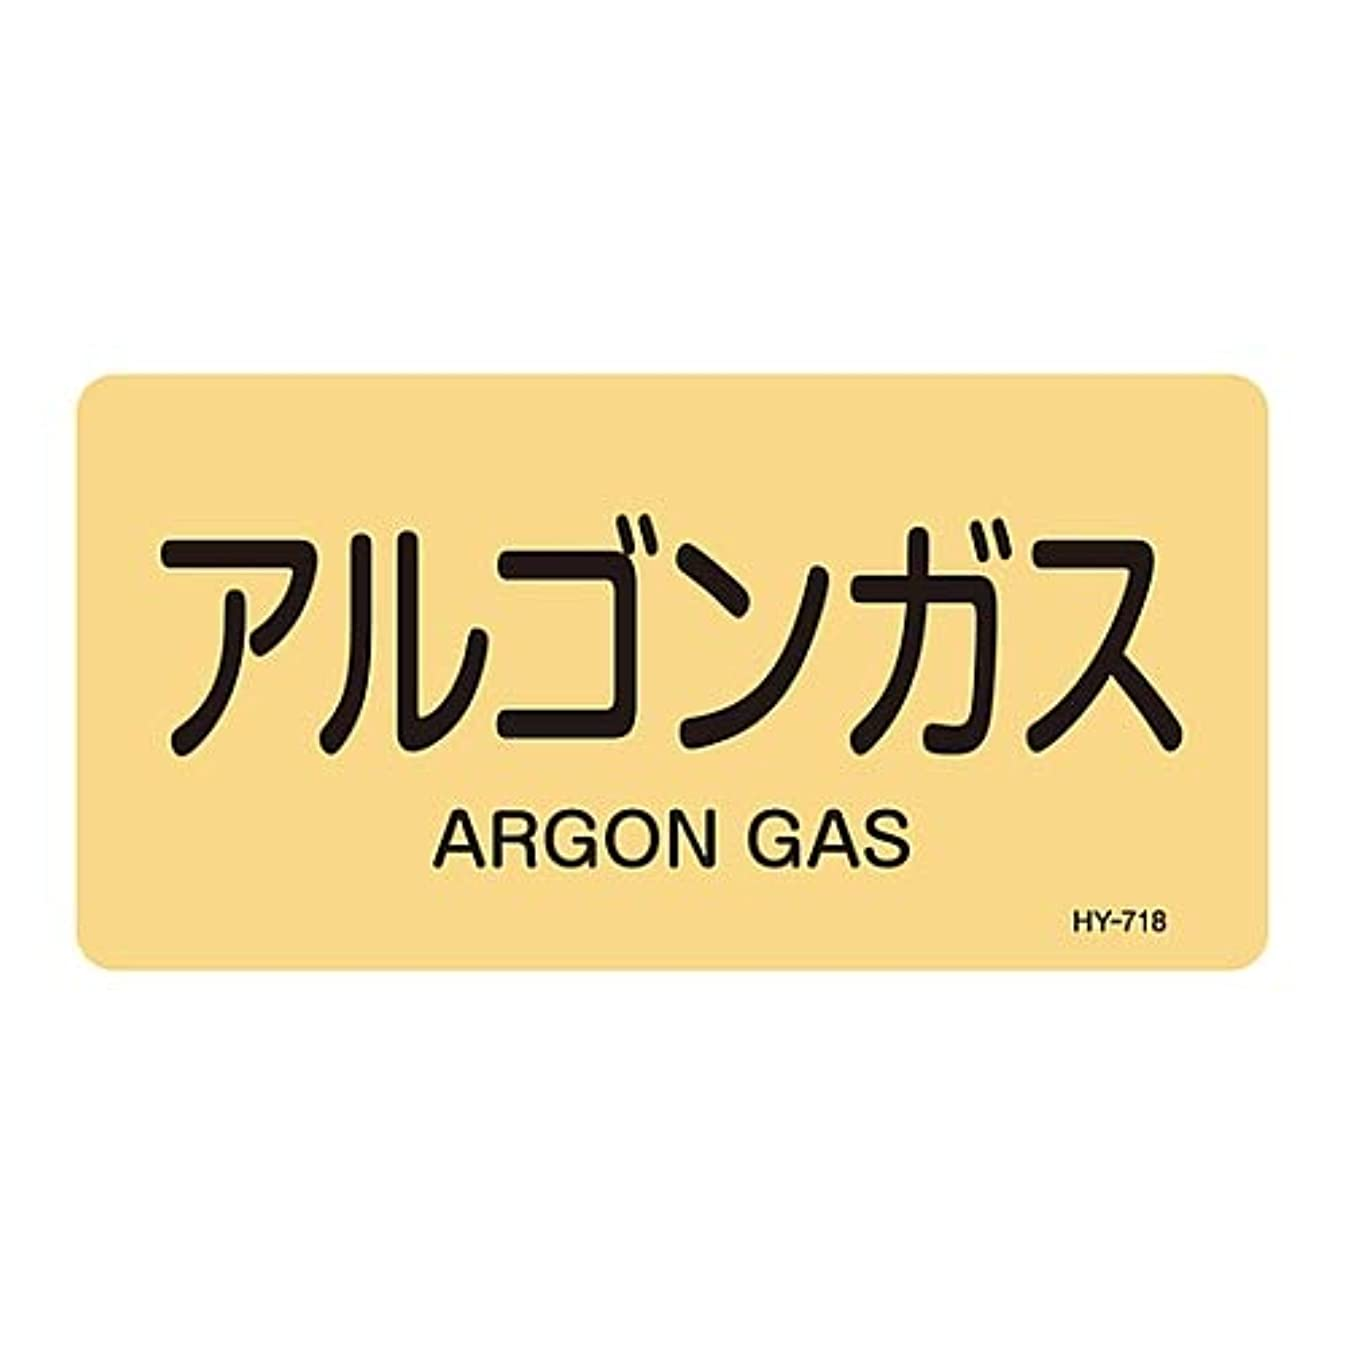 アウター肉印をつけるJIS配管識別明示ステッカー<ヨコタイプ> 「アルゴンガス」 HY-718S/61-3405-58